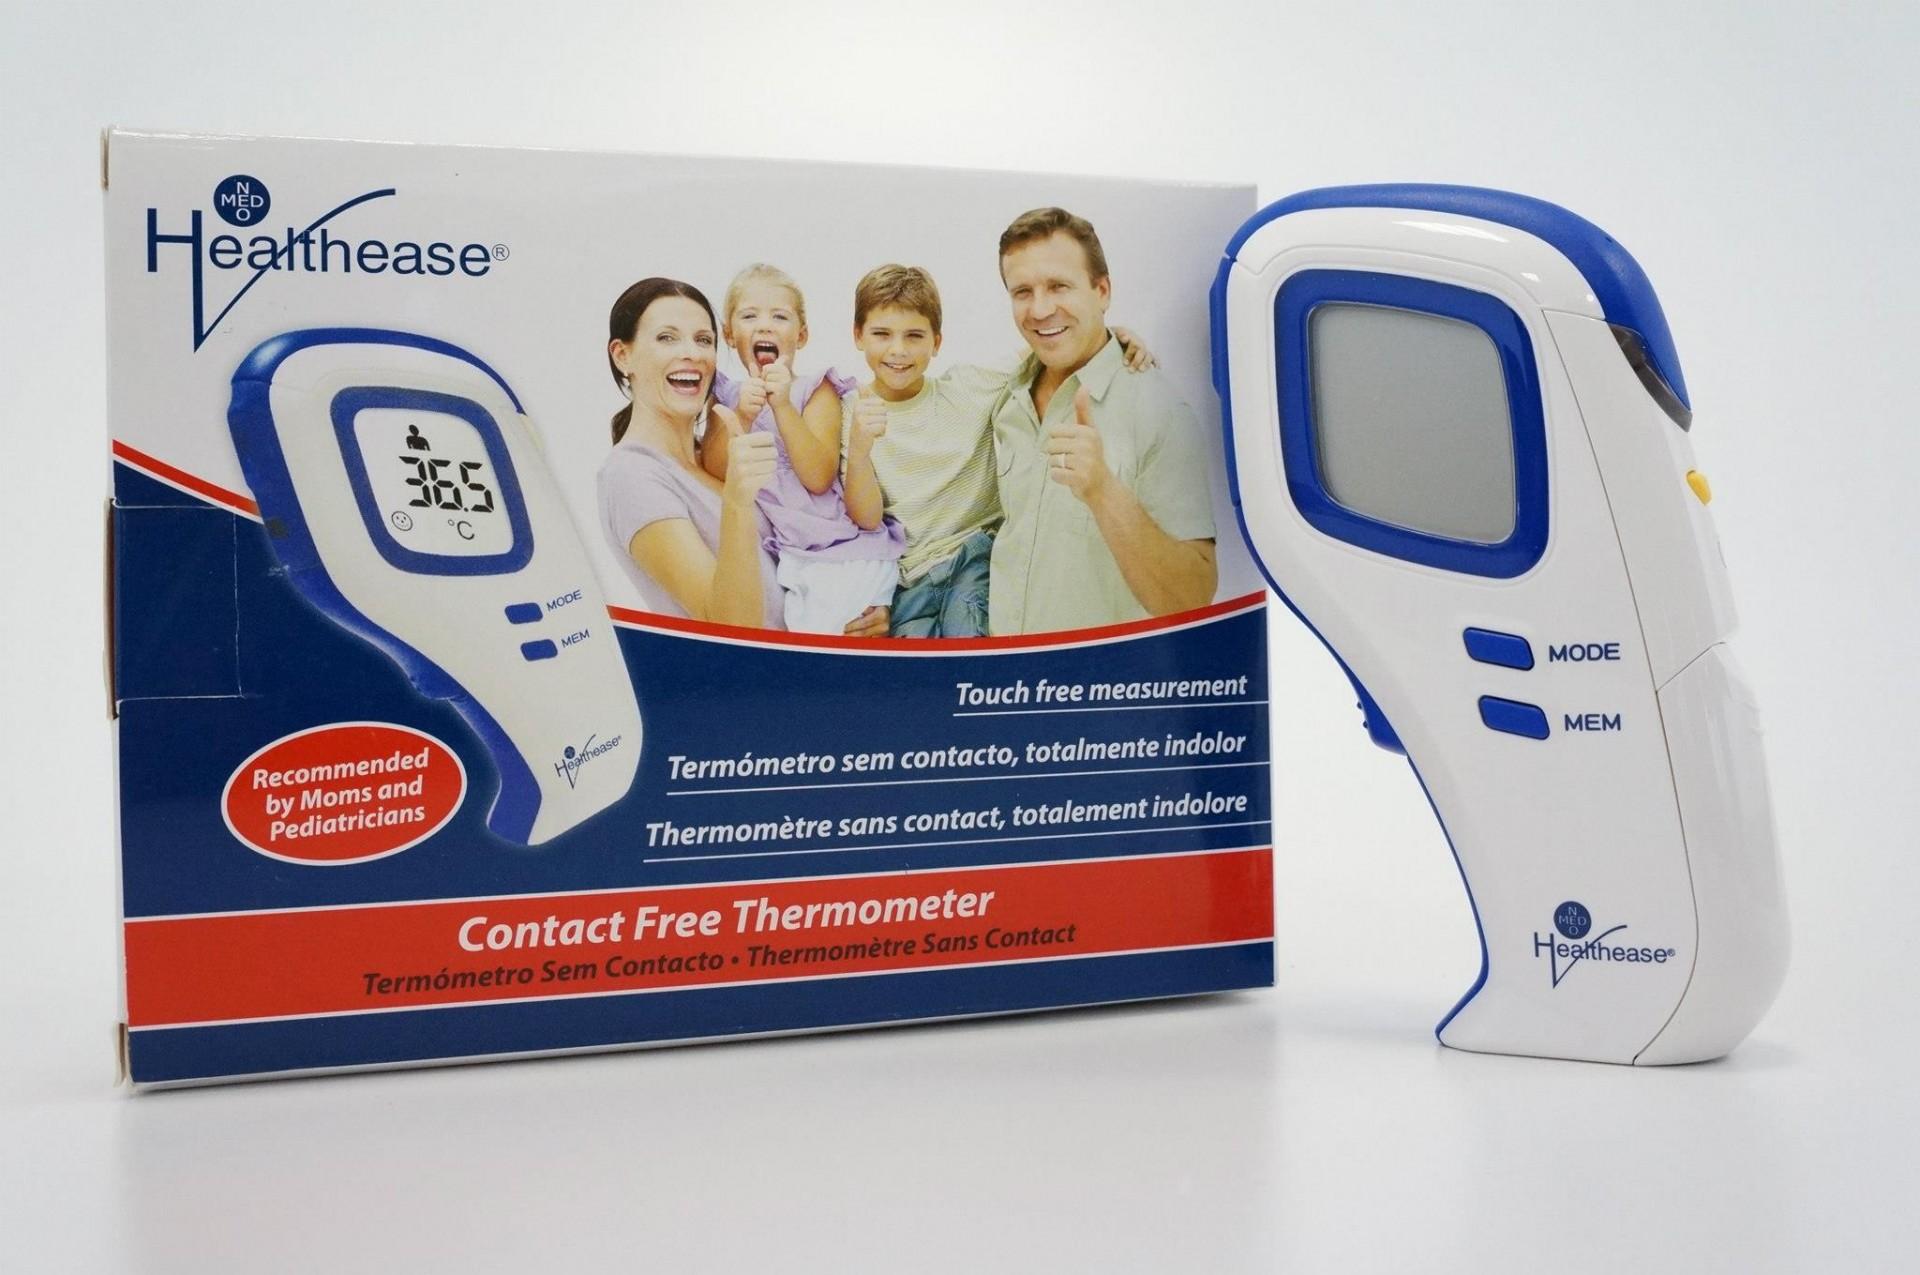 Healthease: Termómetro Digital de Infravermelhos Livre de Contacto